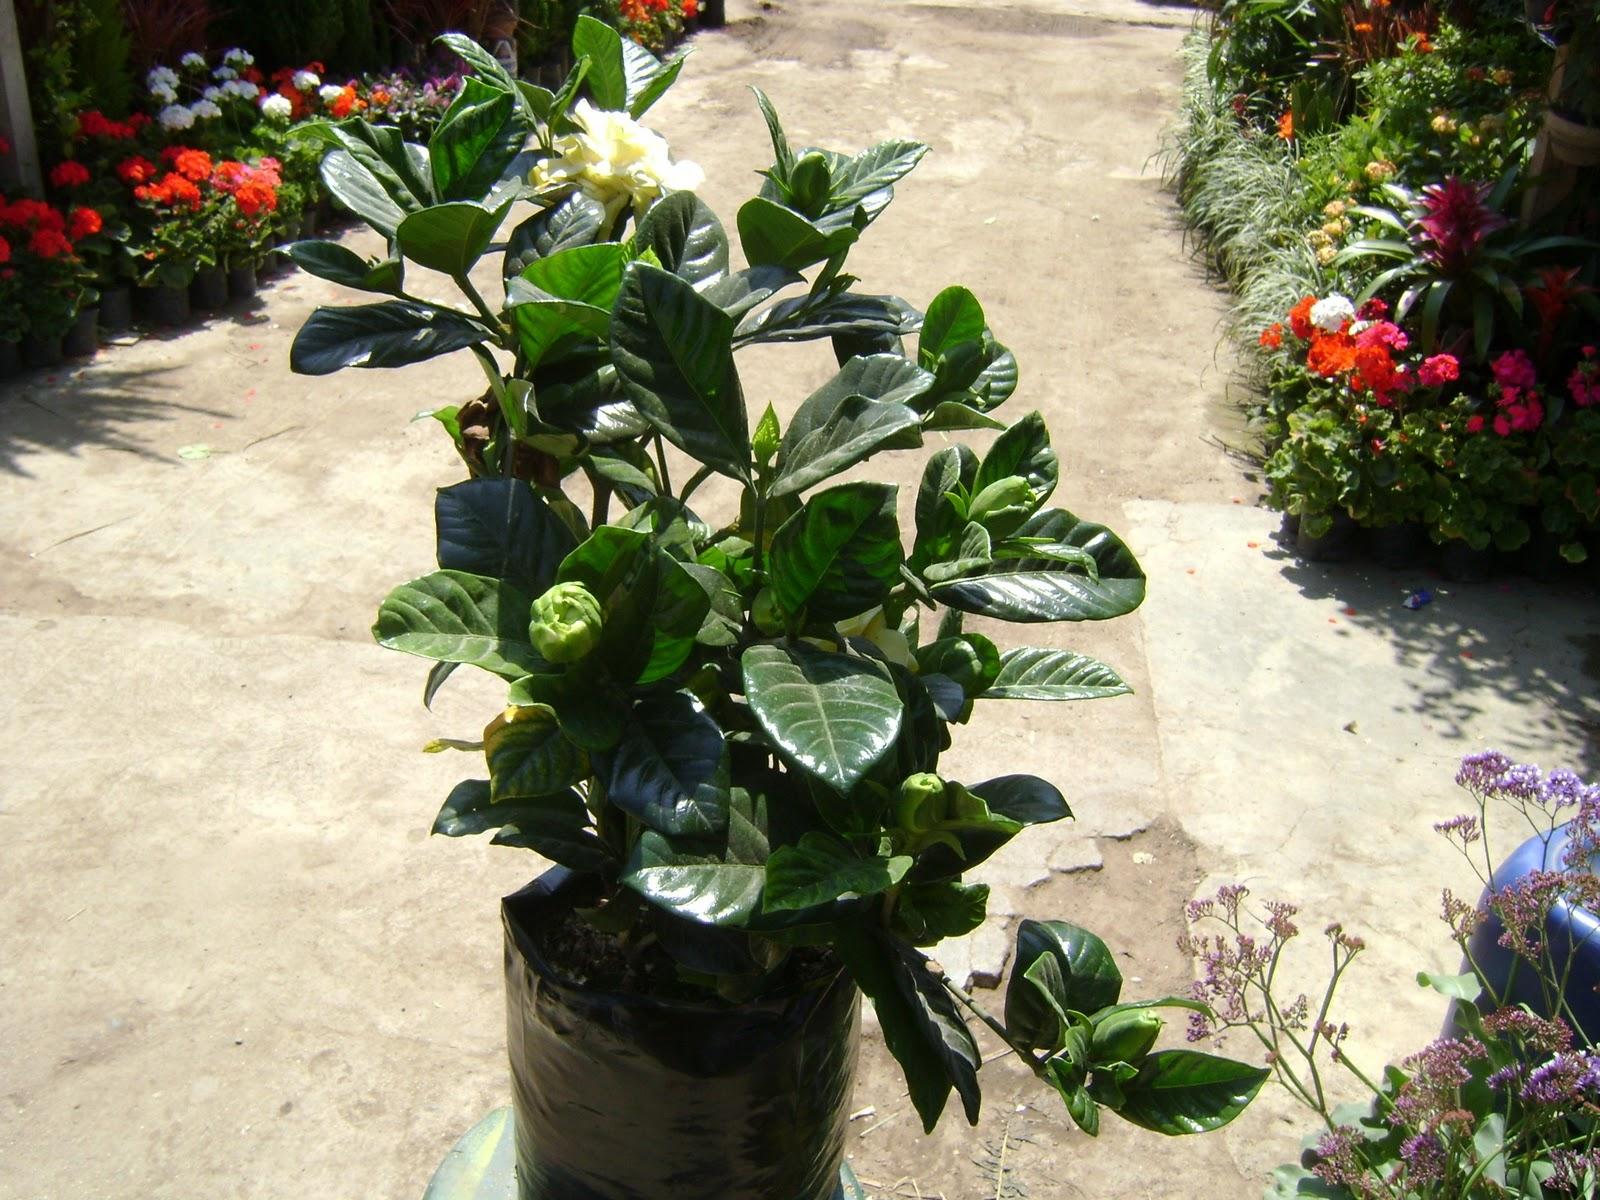 Jardines y macetas fotos de plantas de interior y exterior for Macetas plantas exterior